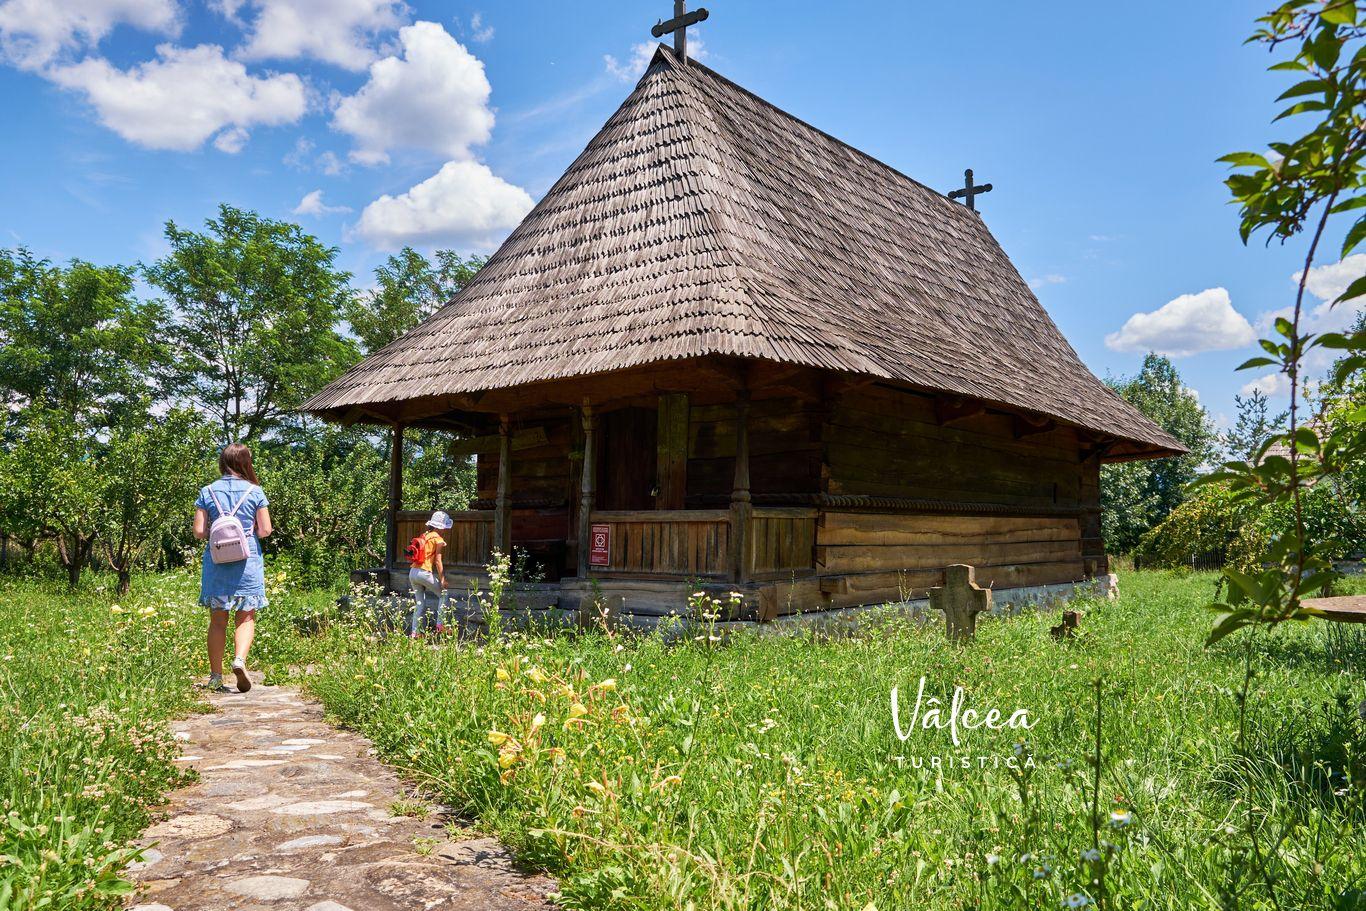 Biserică - Muzeul Satului - Bujoreni